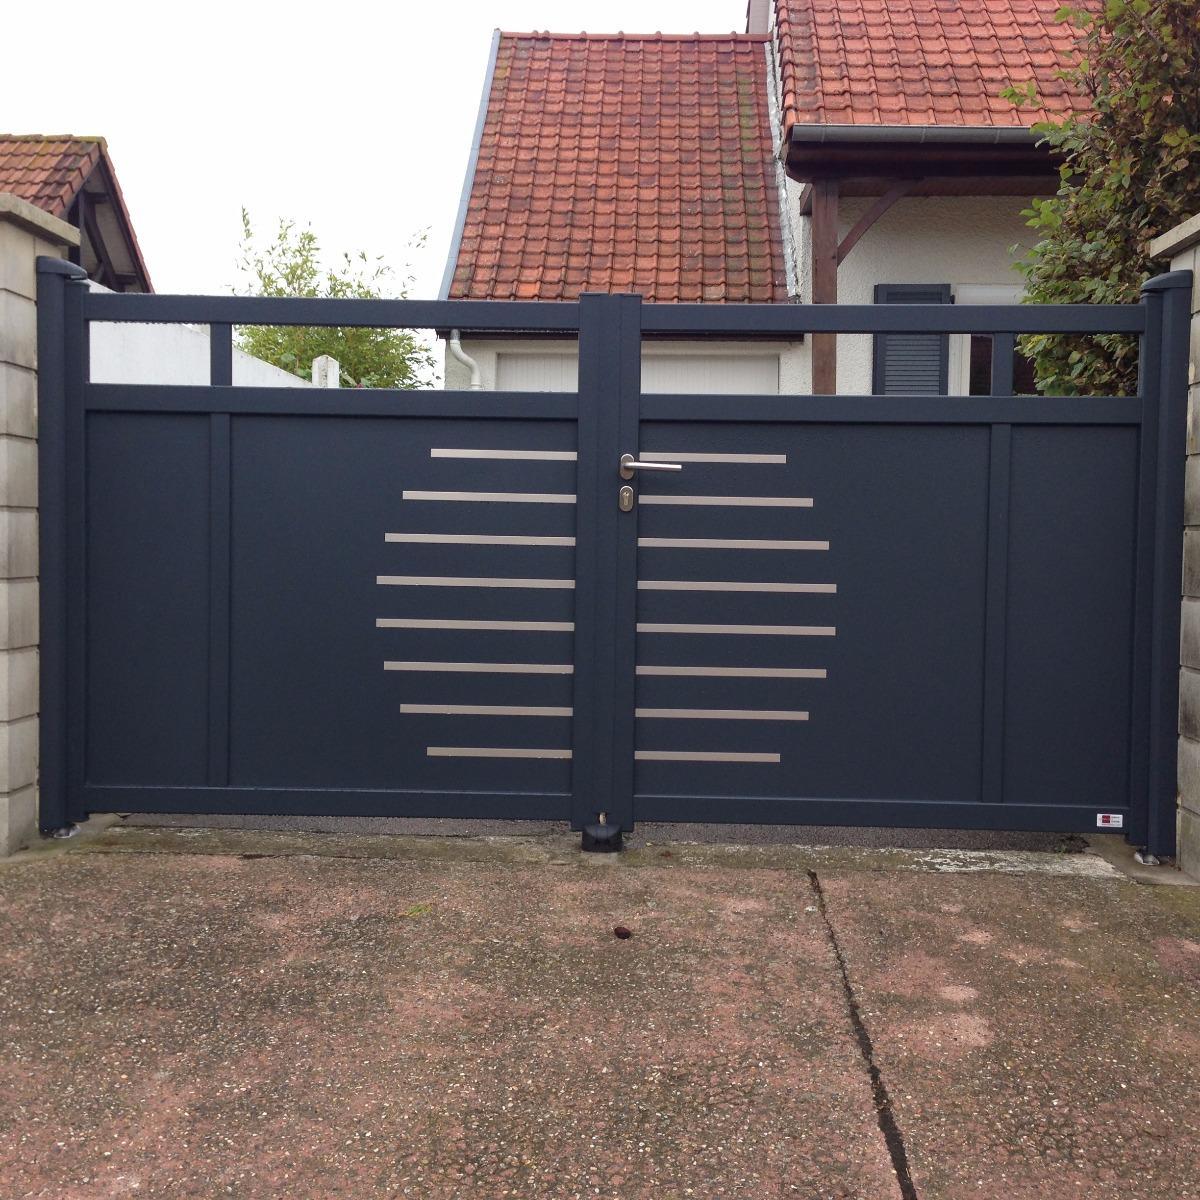 Portail en aluminium 2 vantaux, gris anthracite, avec inserts inox - RUE - 80